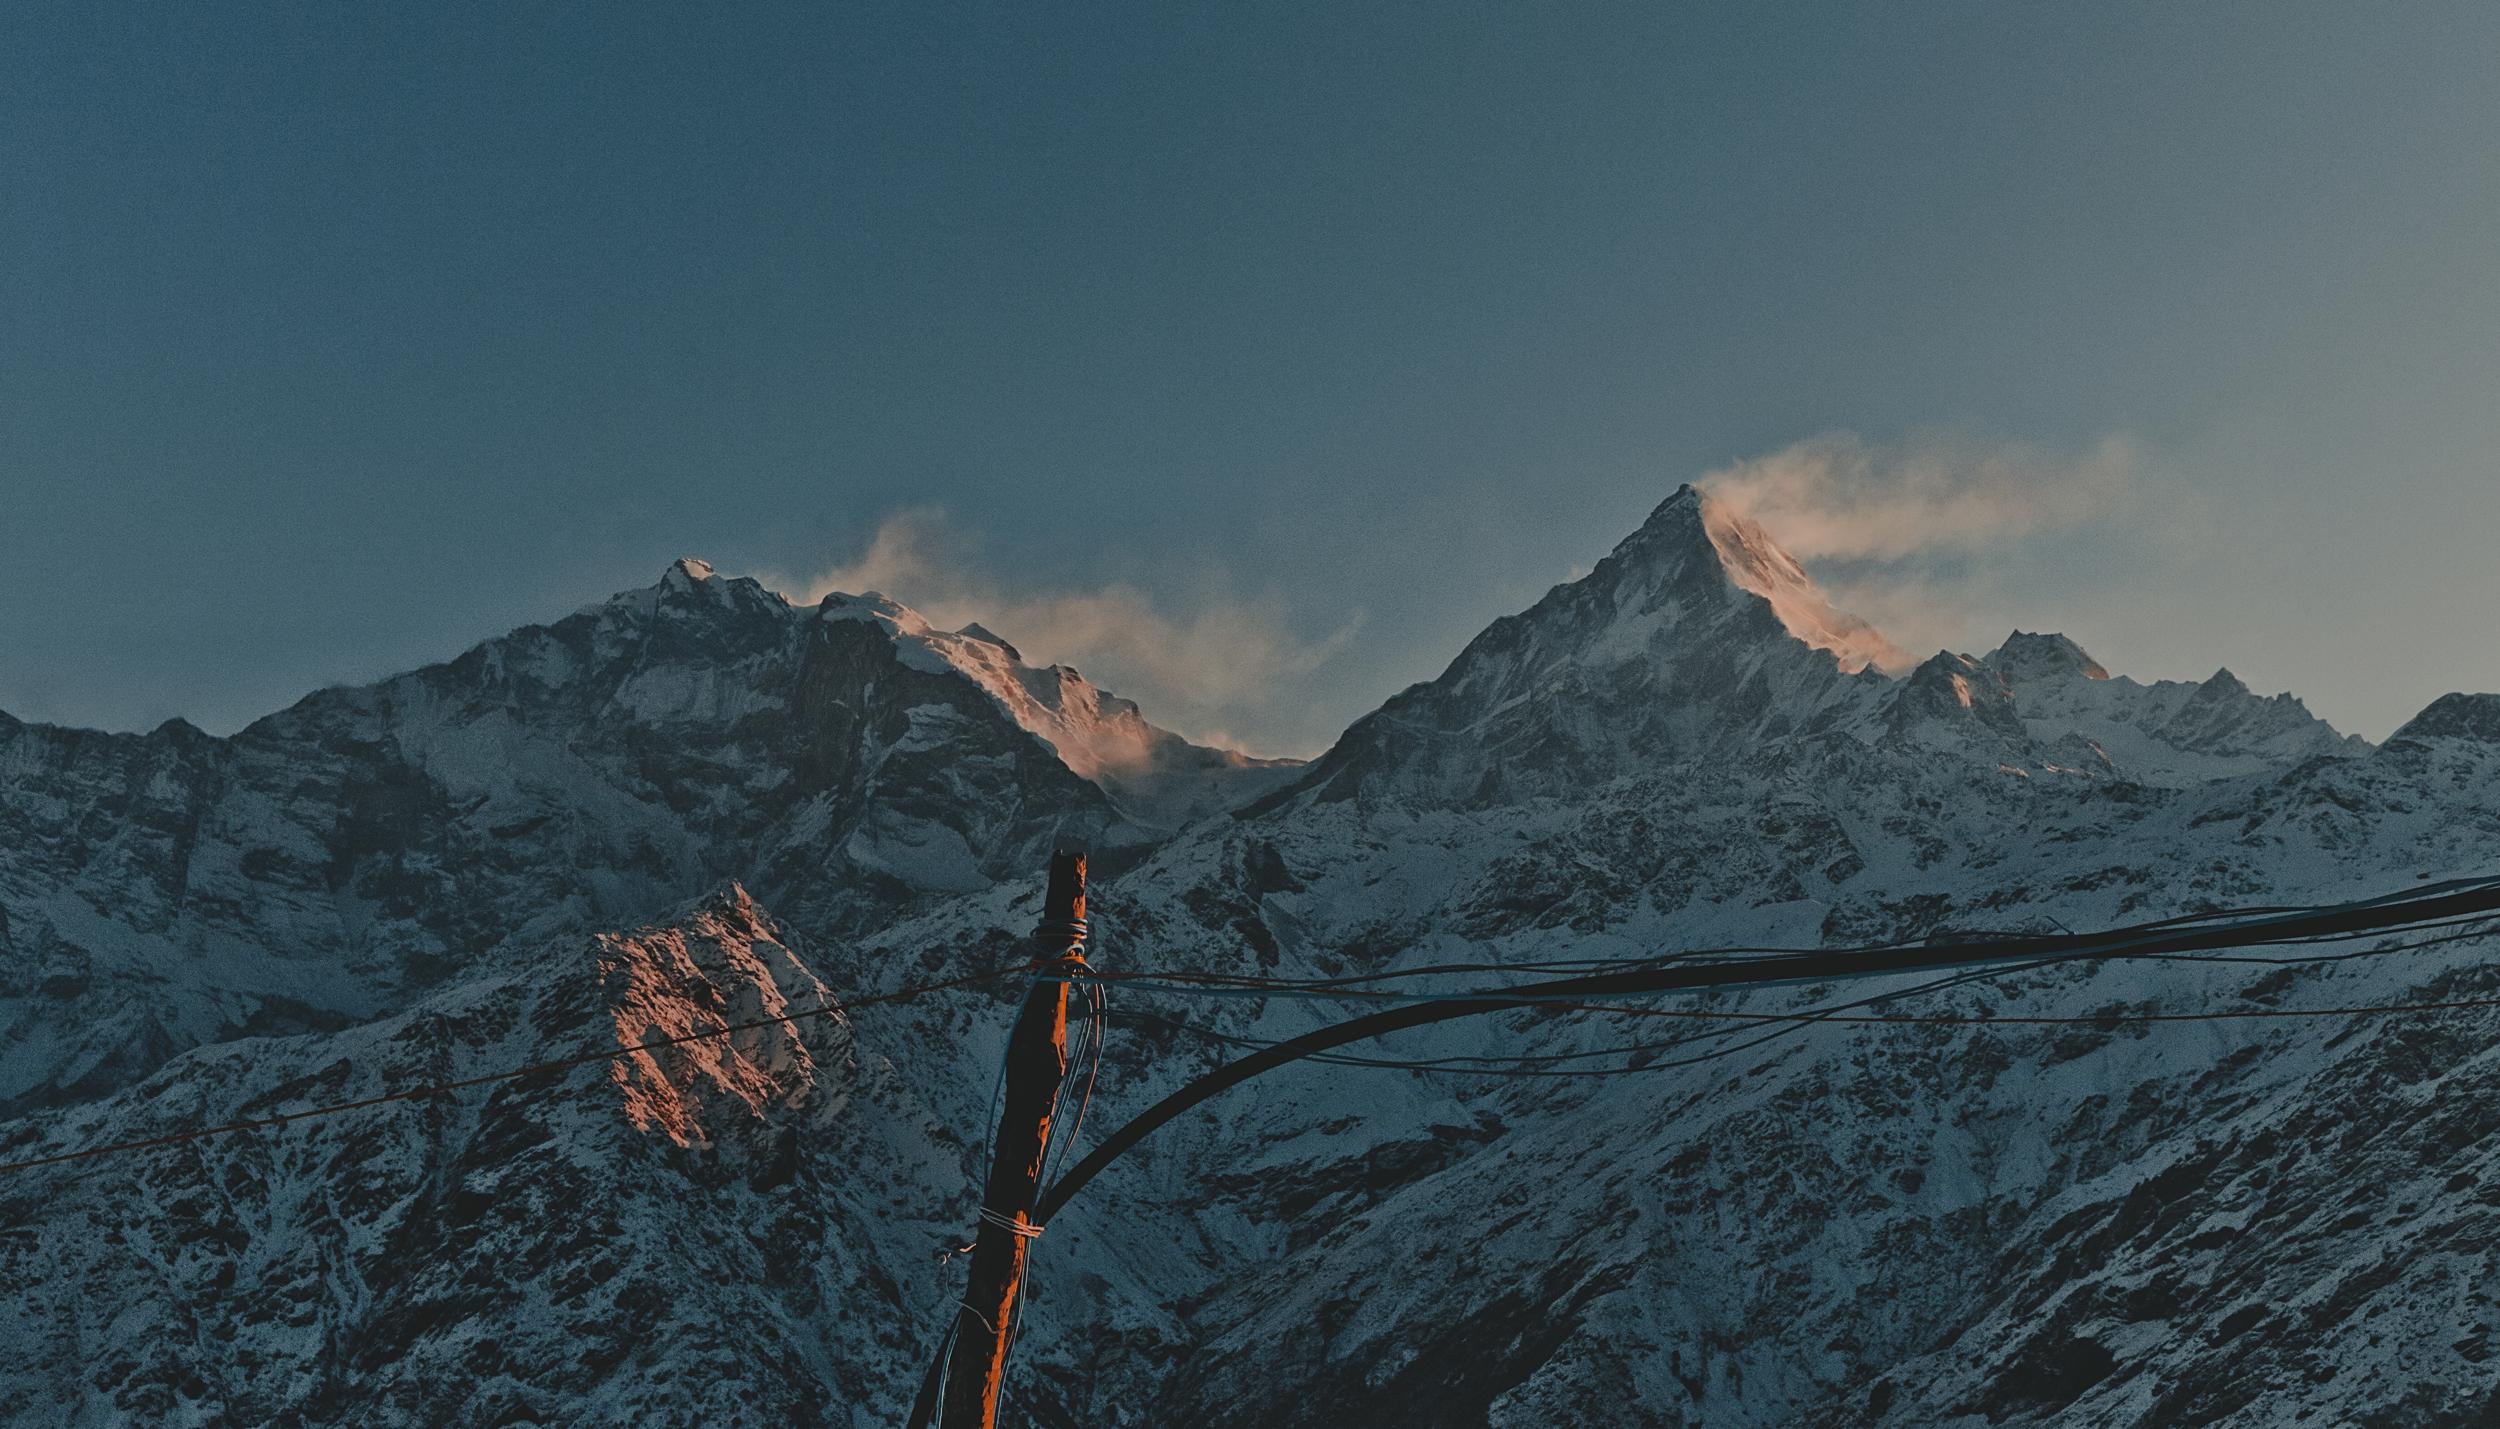 Annapurna_from_Khopra1.jpg